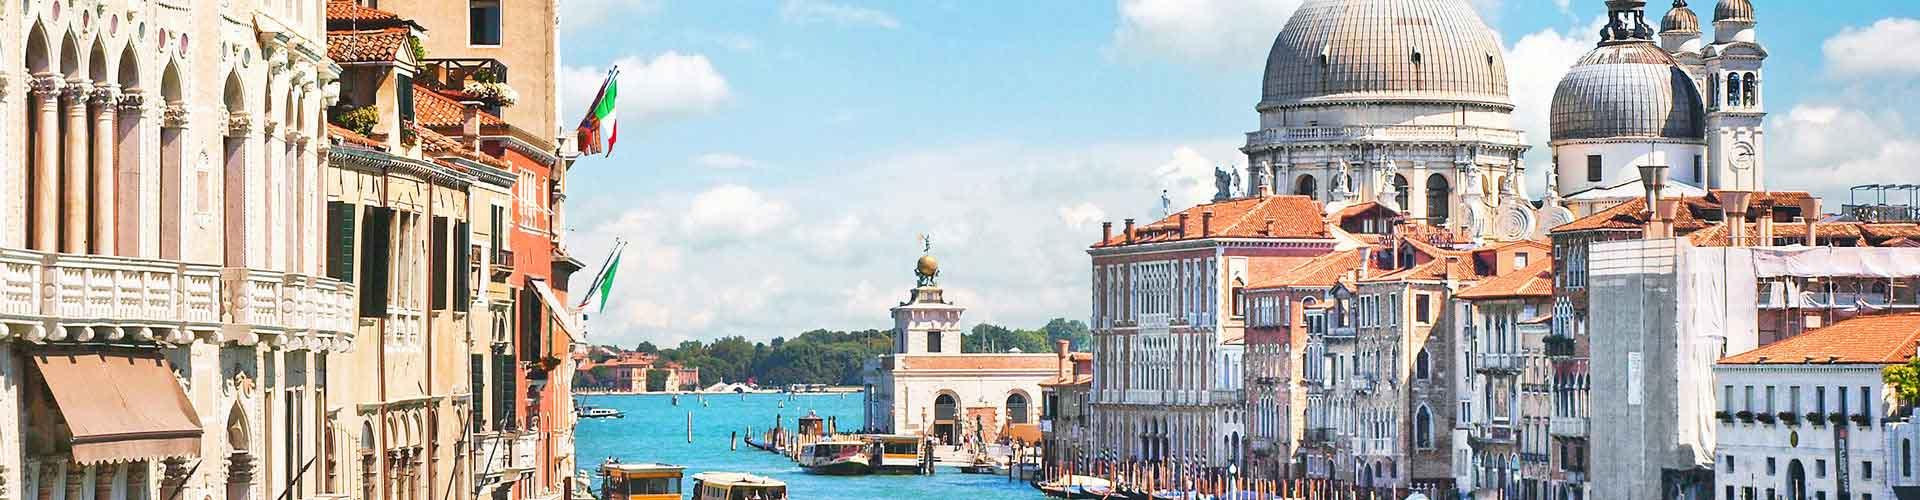 ヴェネツィア – アパート ヴェネツィア. 地図 ヴェネツィア, すべてのアパートの写真とレビュー ヴェネツィア.